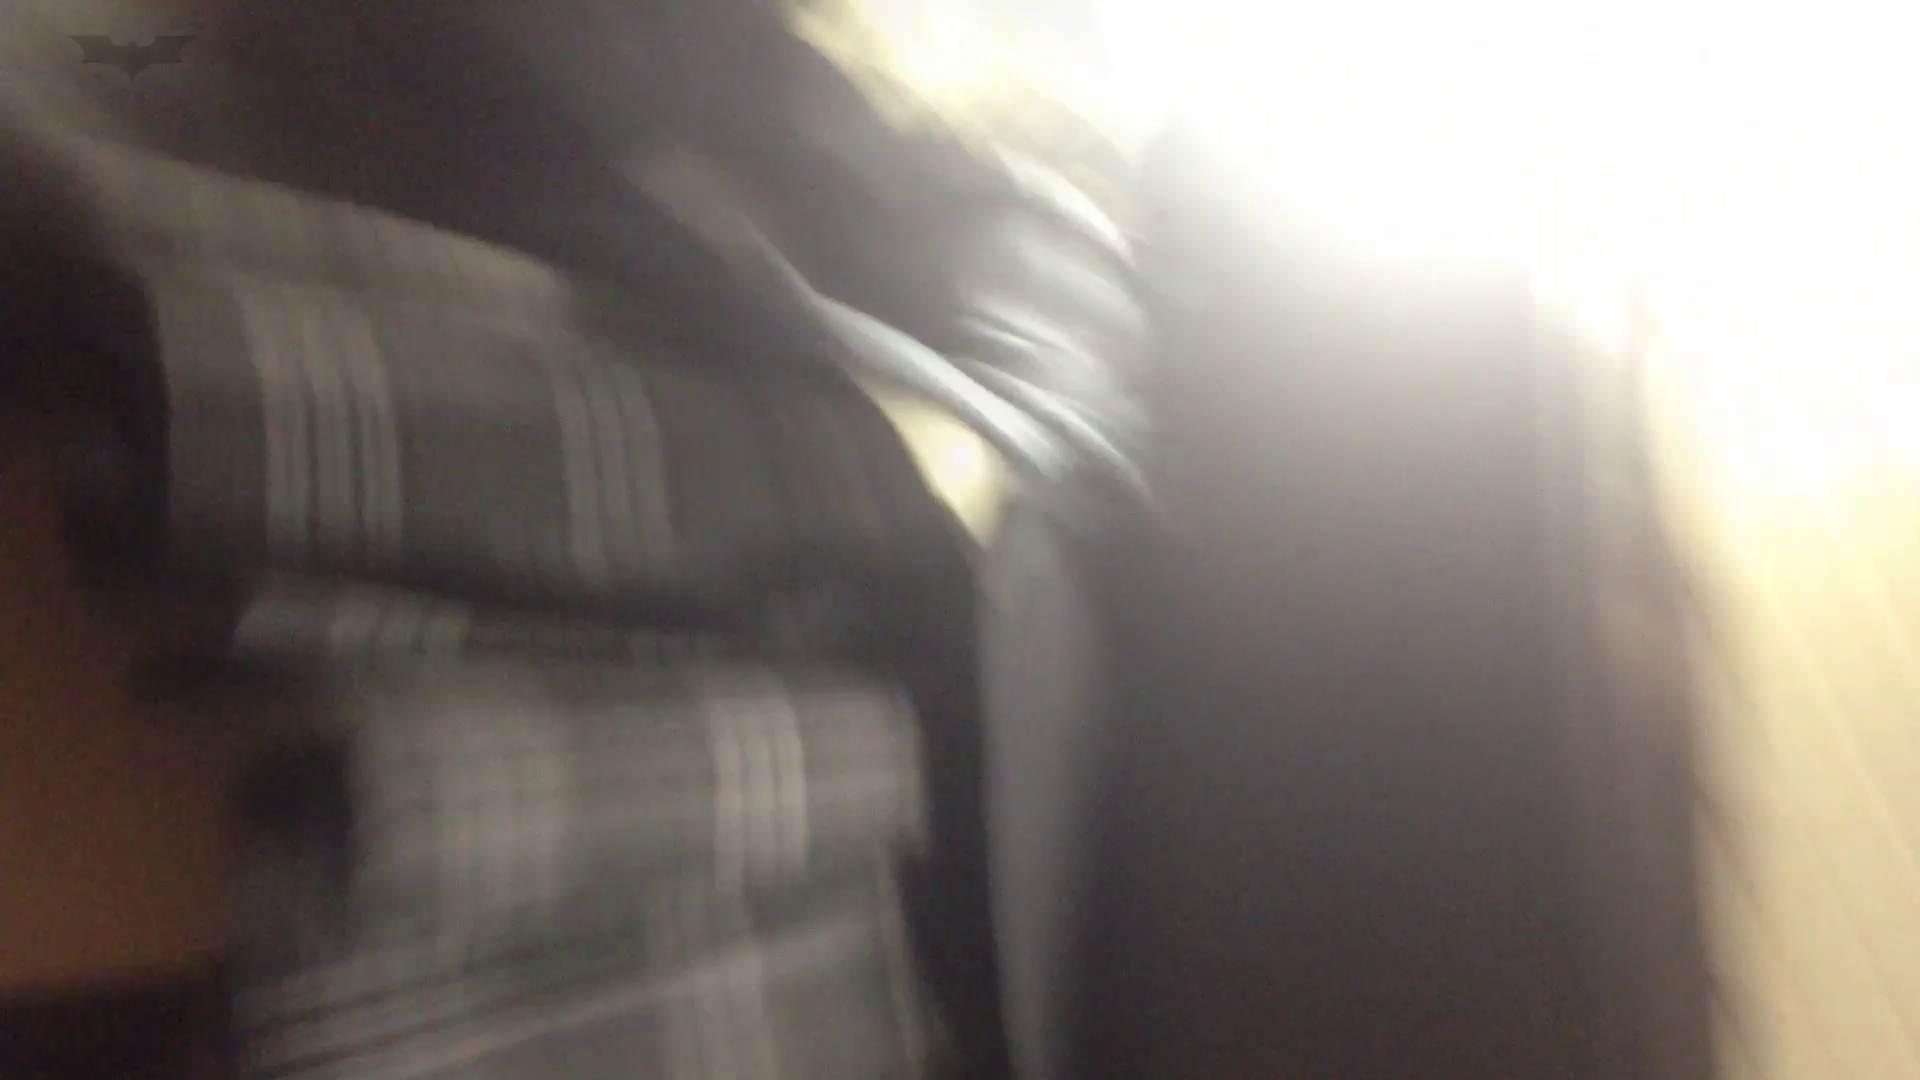 階段パンチラ Vol.06 OLのボディ オメコ動画キャプチャ 61PIX 10